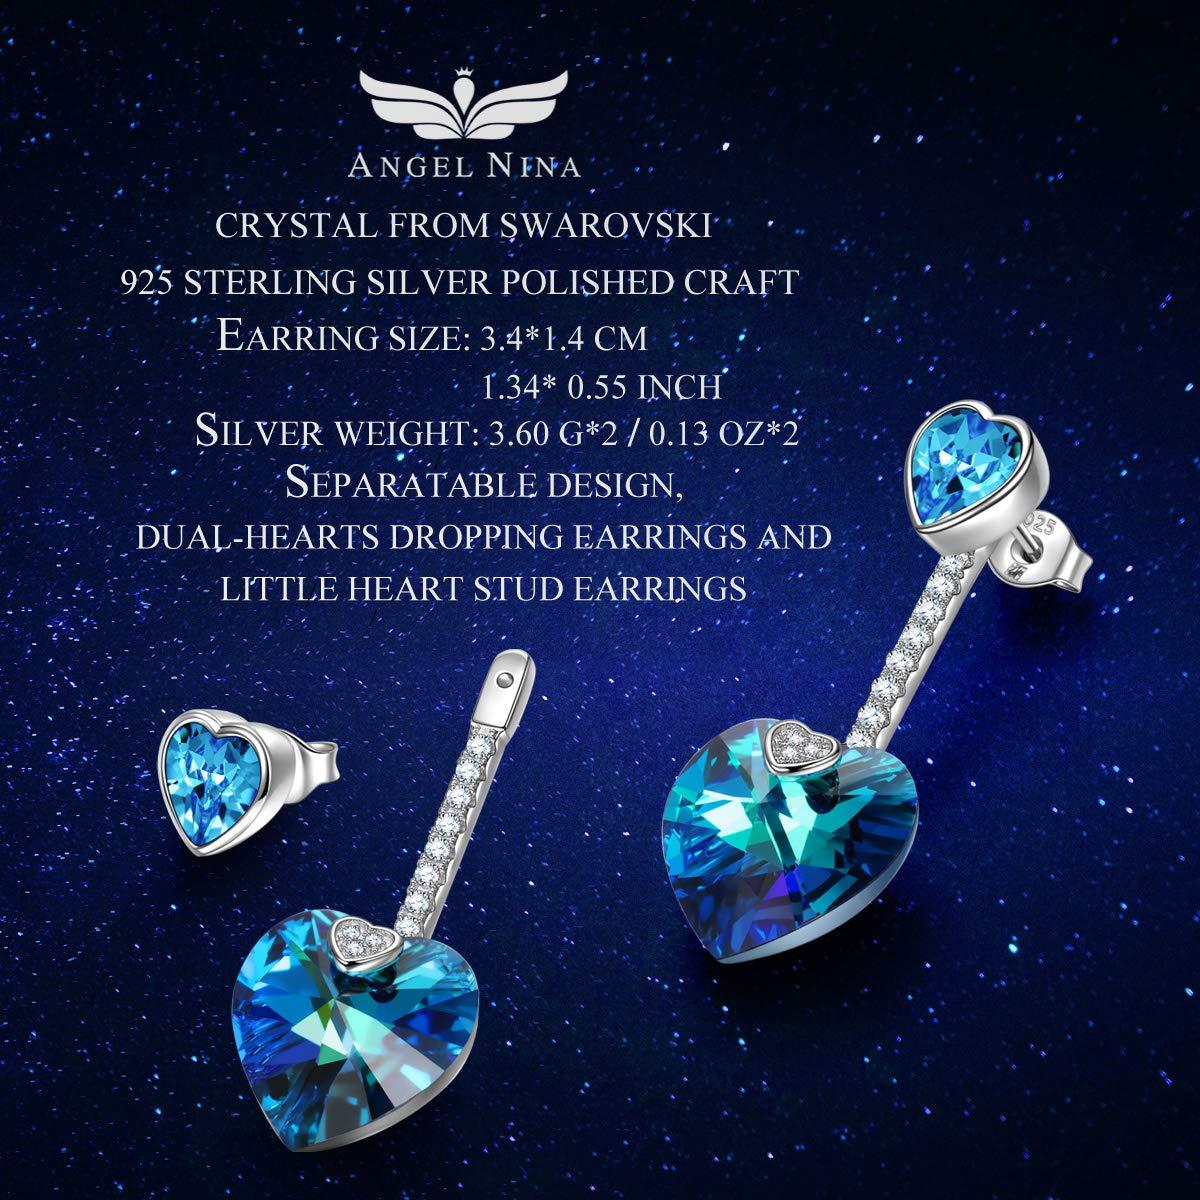 ANGEL NINA Corazón Pendientes Mujer largos Aretes Plata de ley 925 cristales Swarovski Joyas Regalos para Navidad San Valentín cumpleaños Aniversario Boda ...